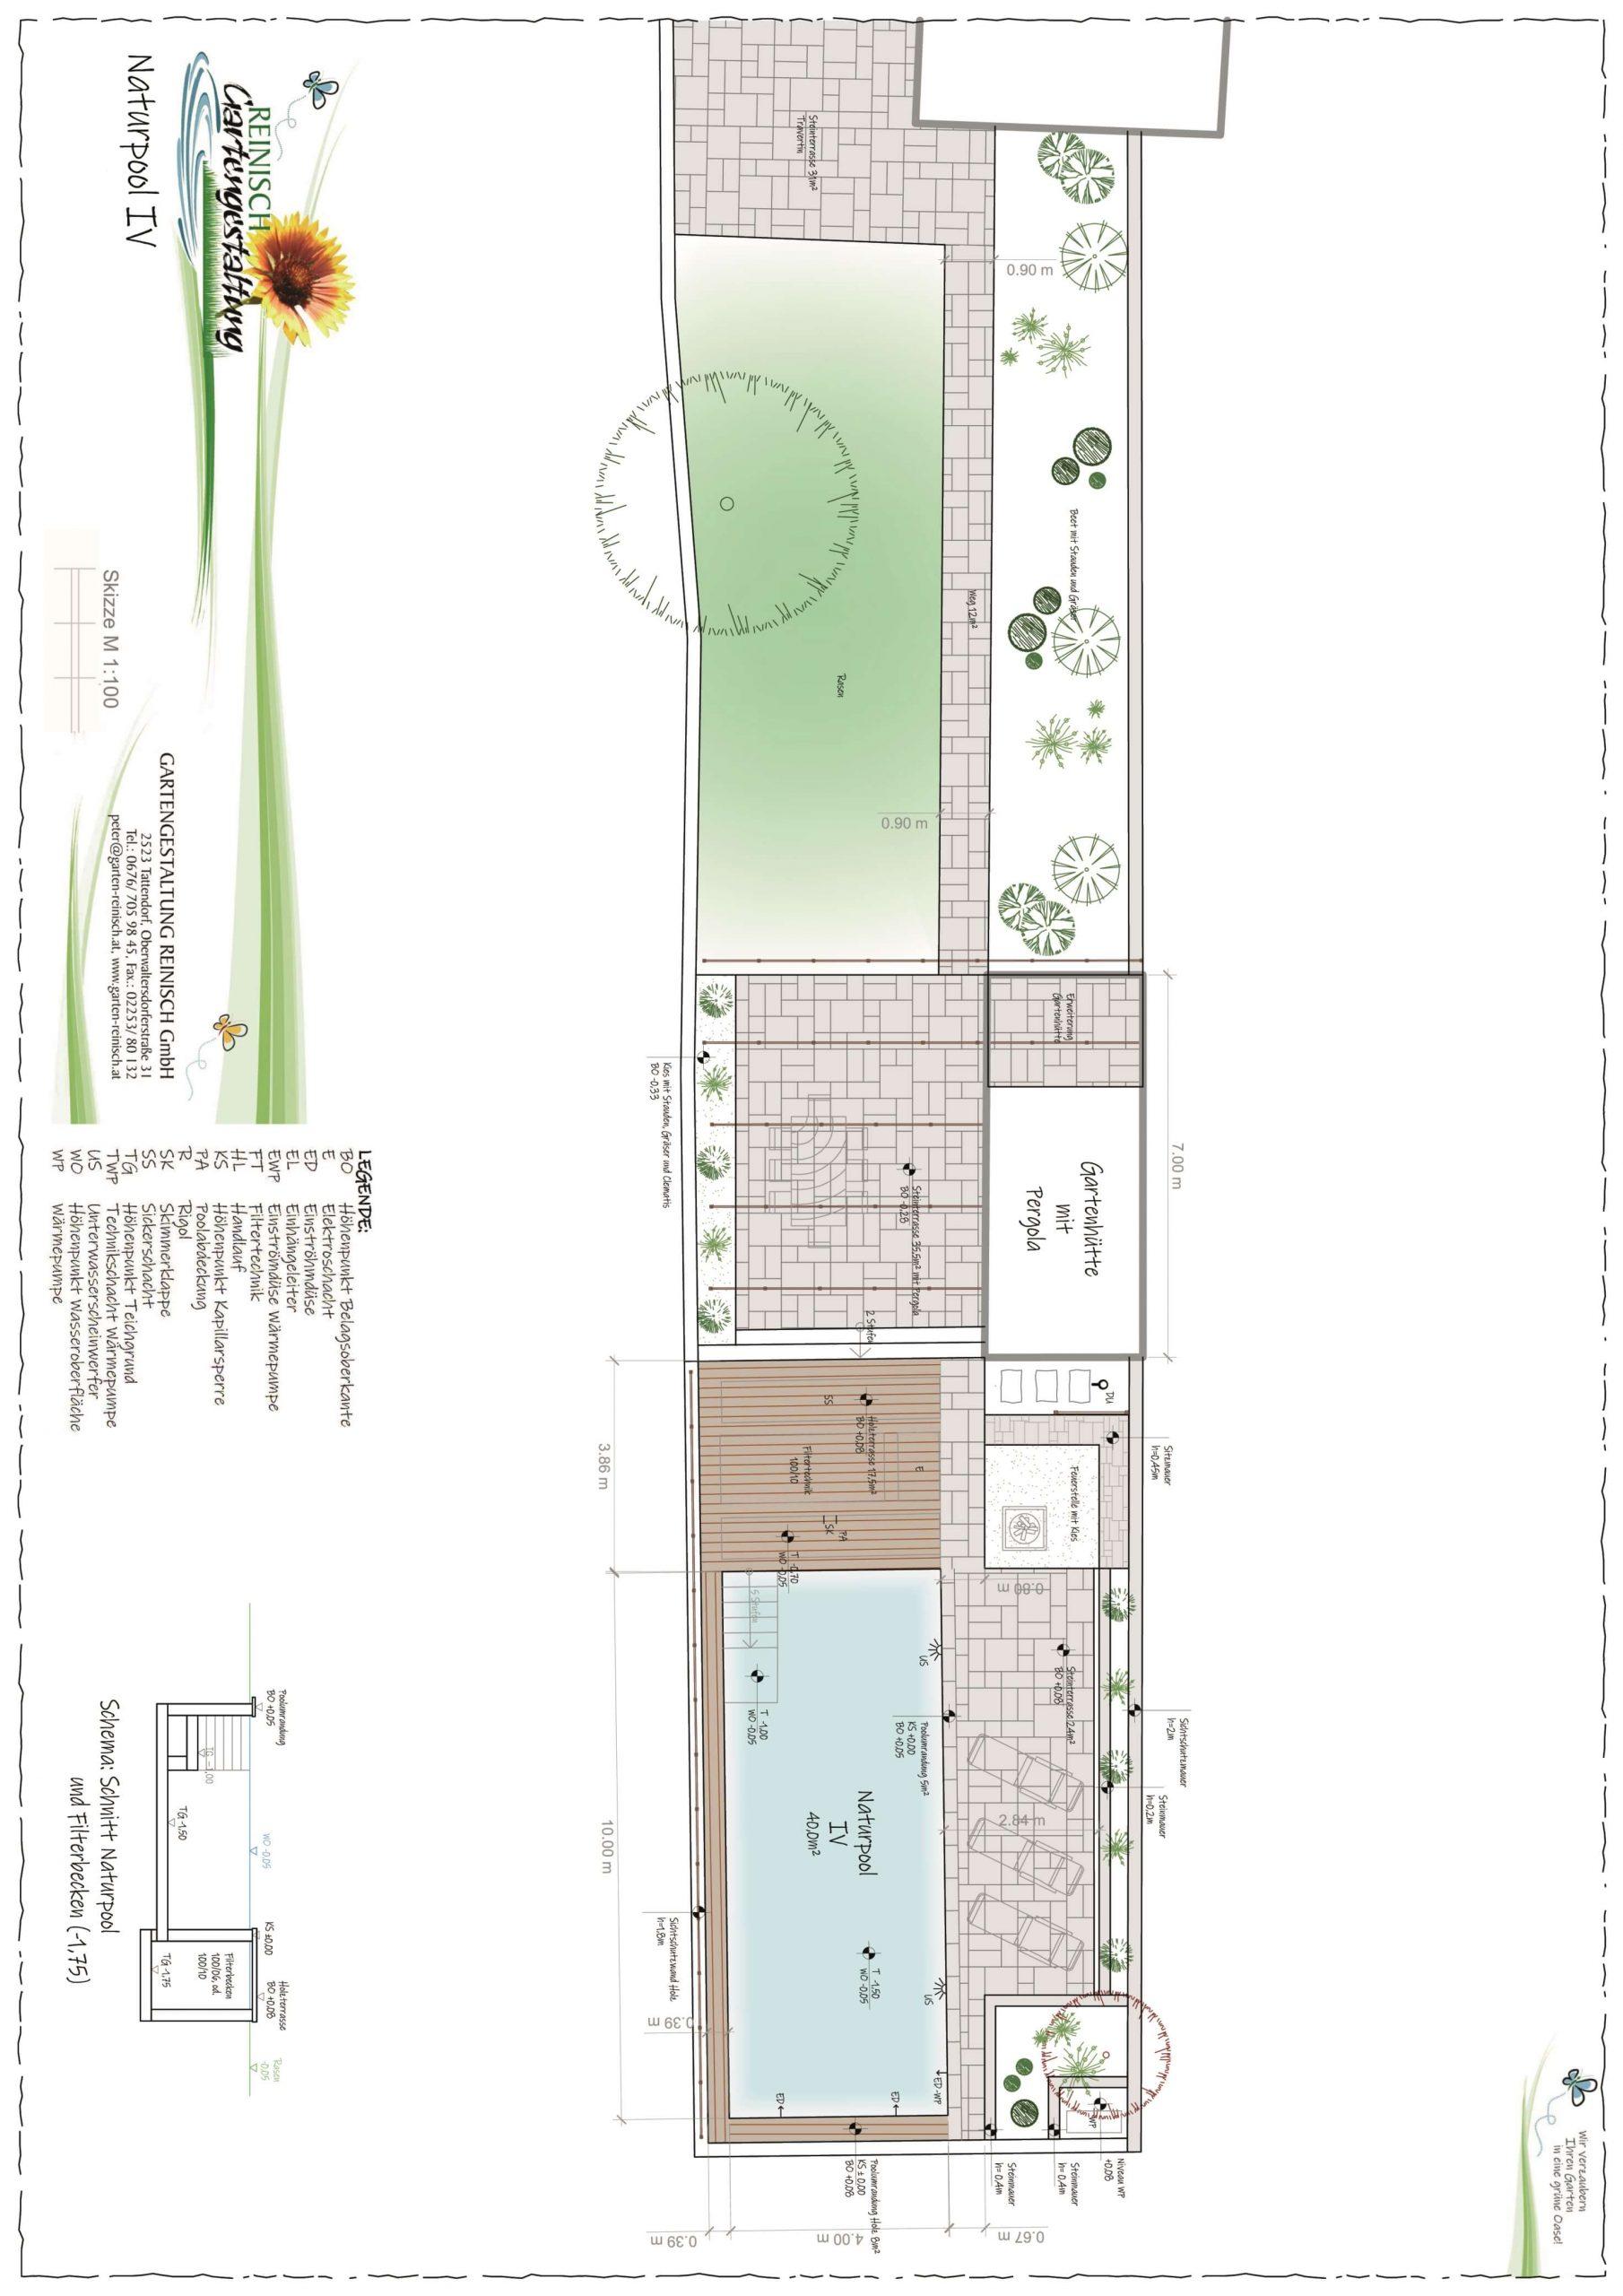 Naturpool und Gartenneugestaltung in Gumpoldskirchen